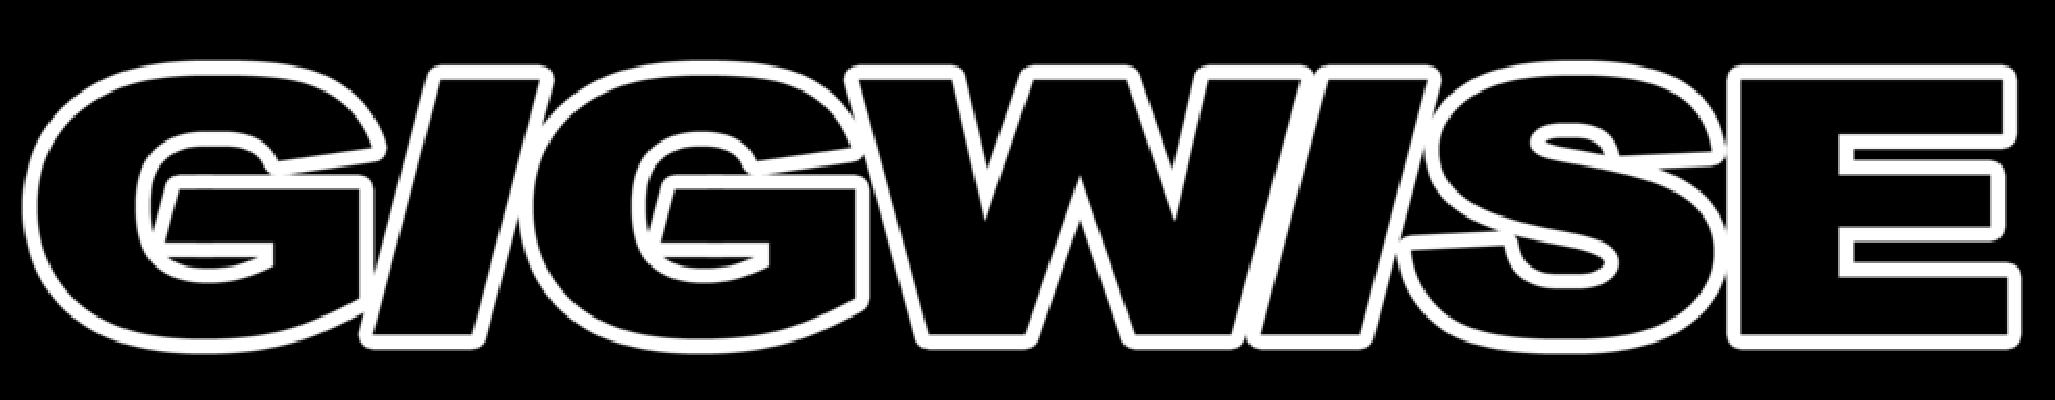 gigwise logo-01.png